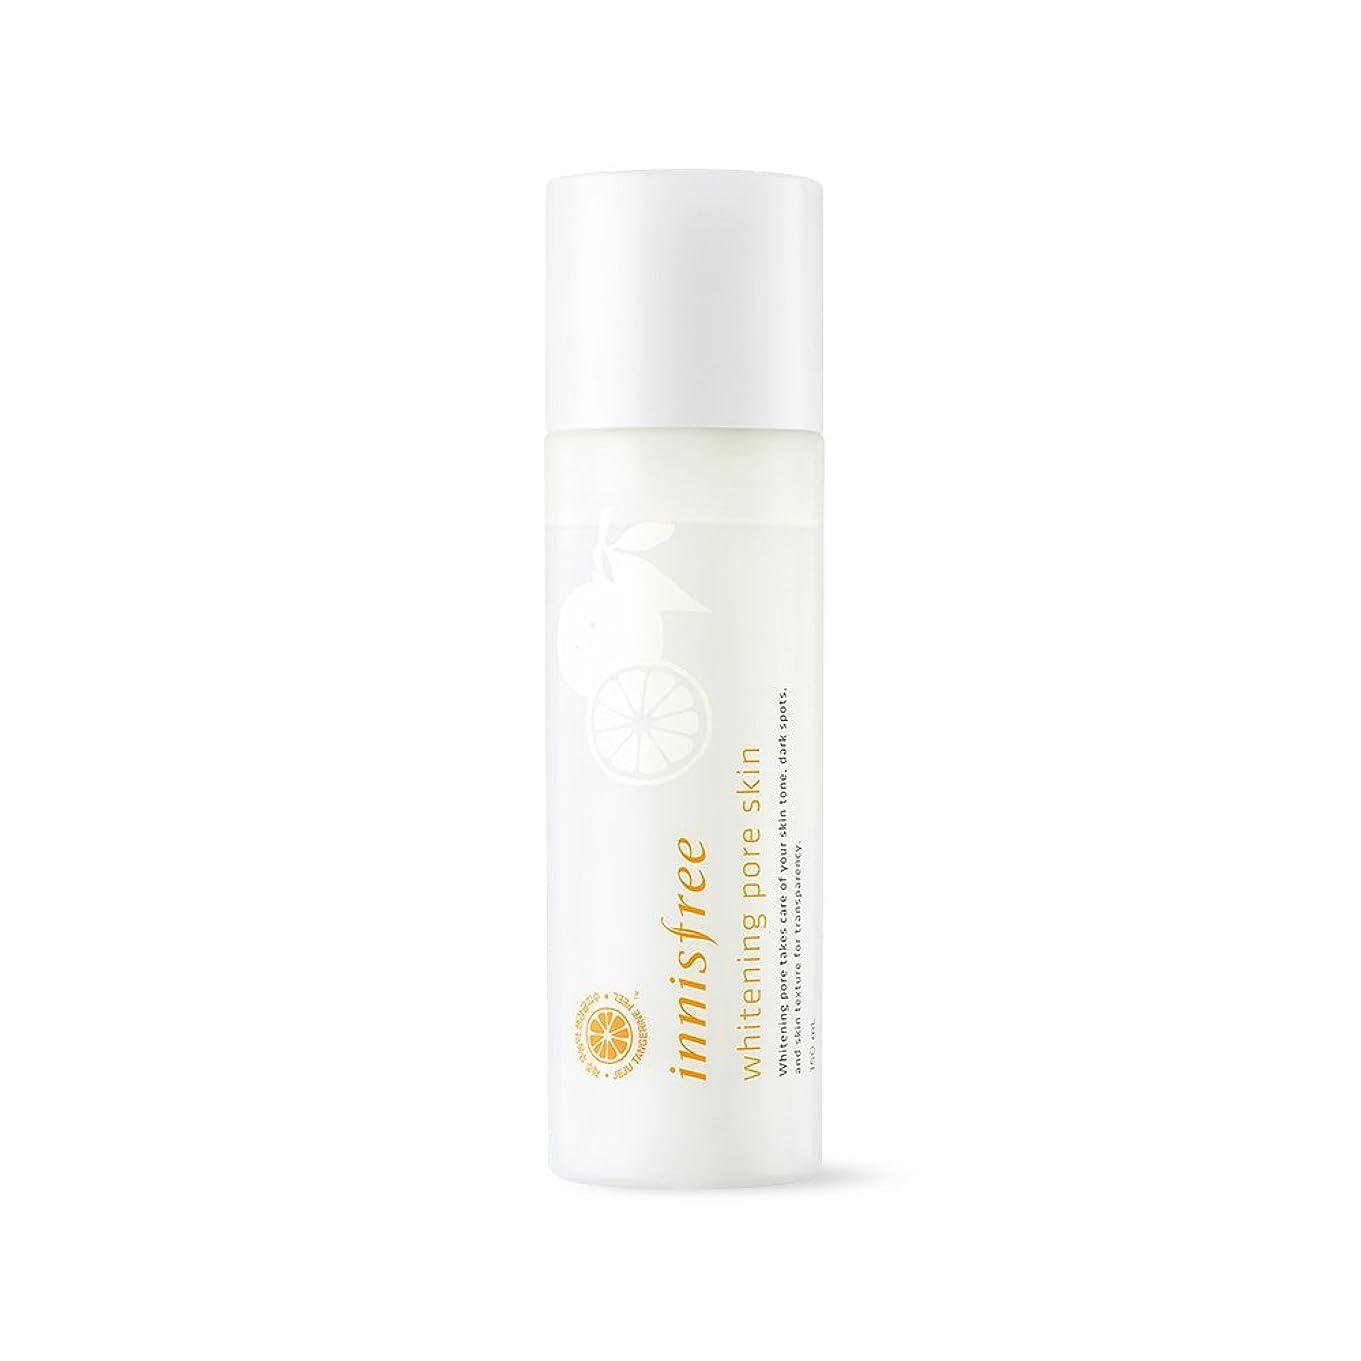 原因防止空イニスフリー公式(innisfree)ブライトポア スキン[化粧水]150ml